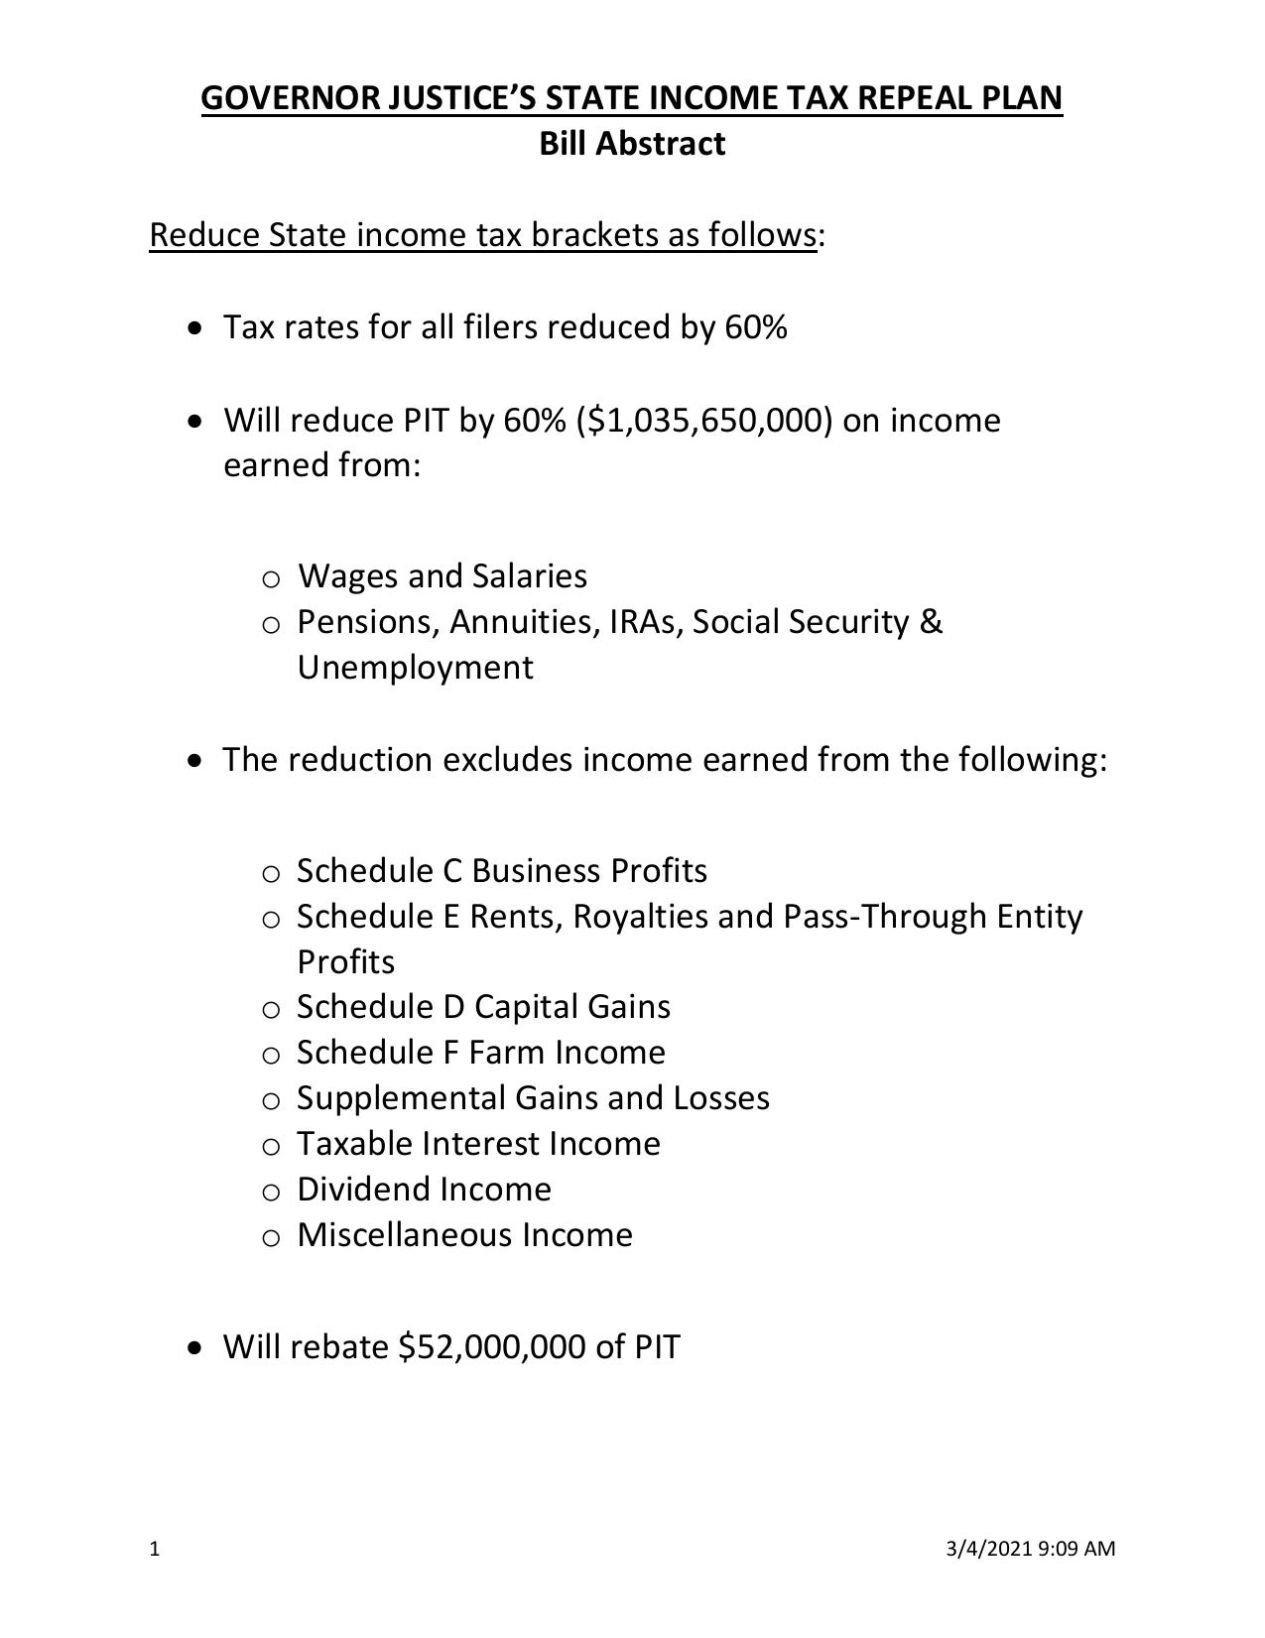 Tax Bill Abstract